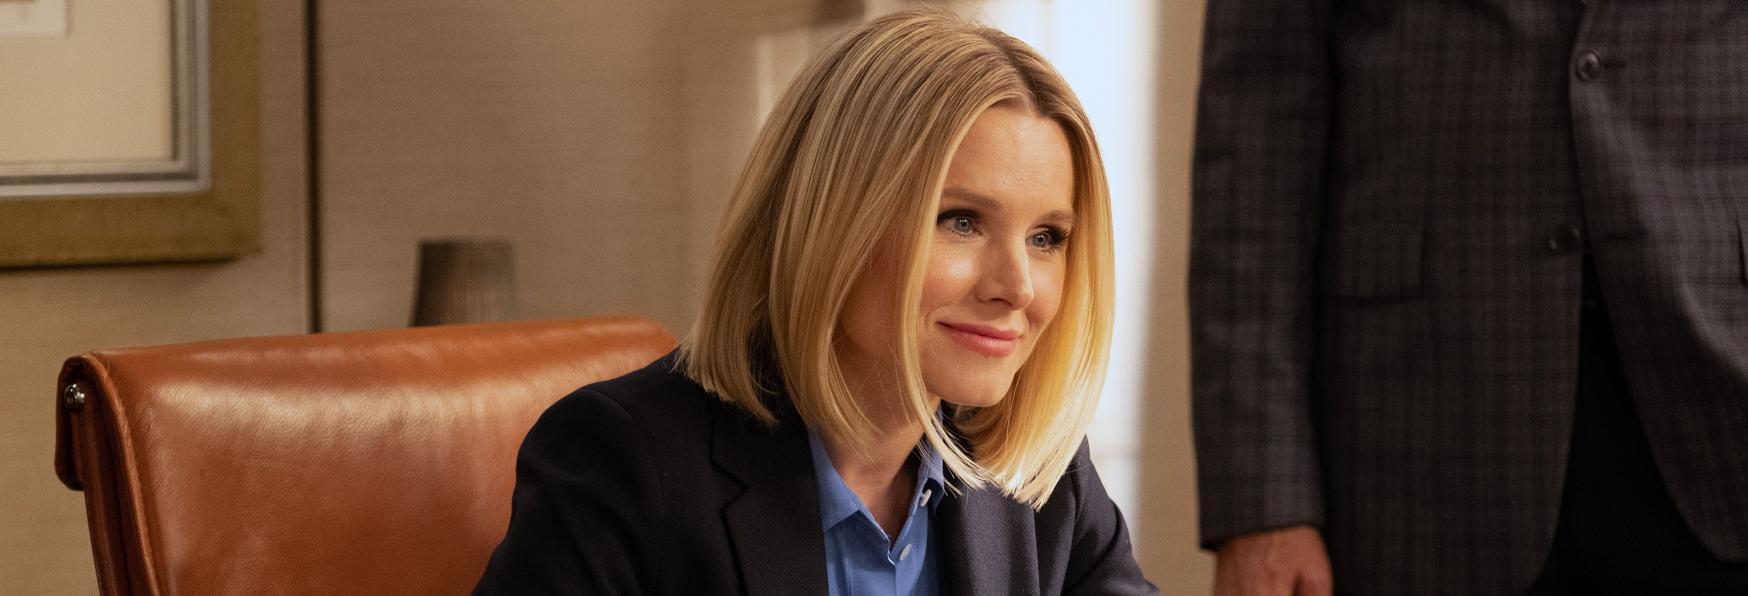 The Woman in the House: la star di Veronica Mars Kristen Bell produrrà la nuova Serie TV Netflix